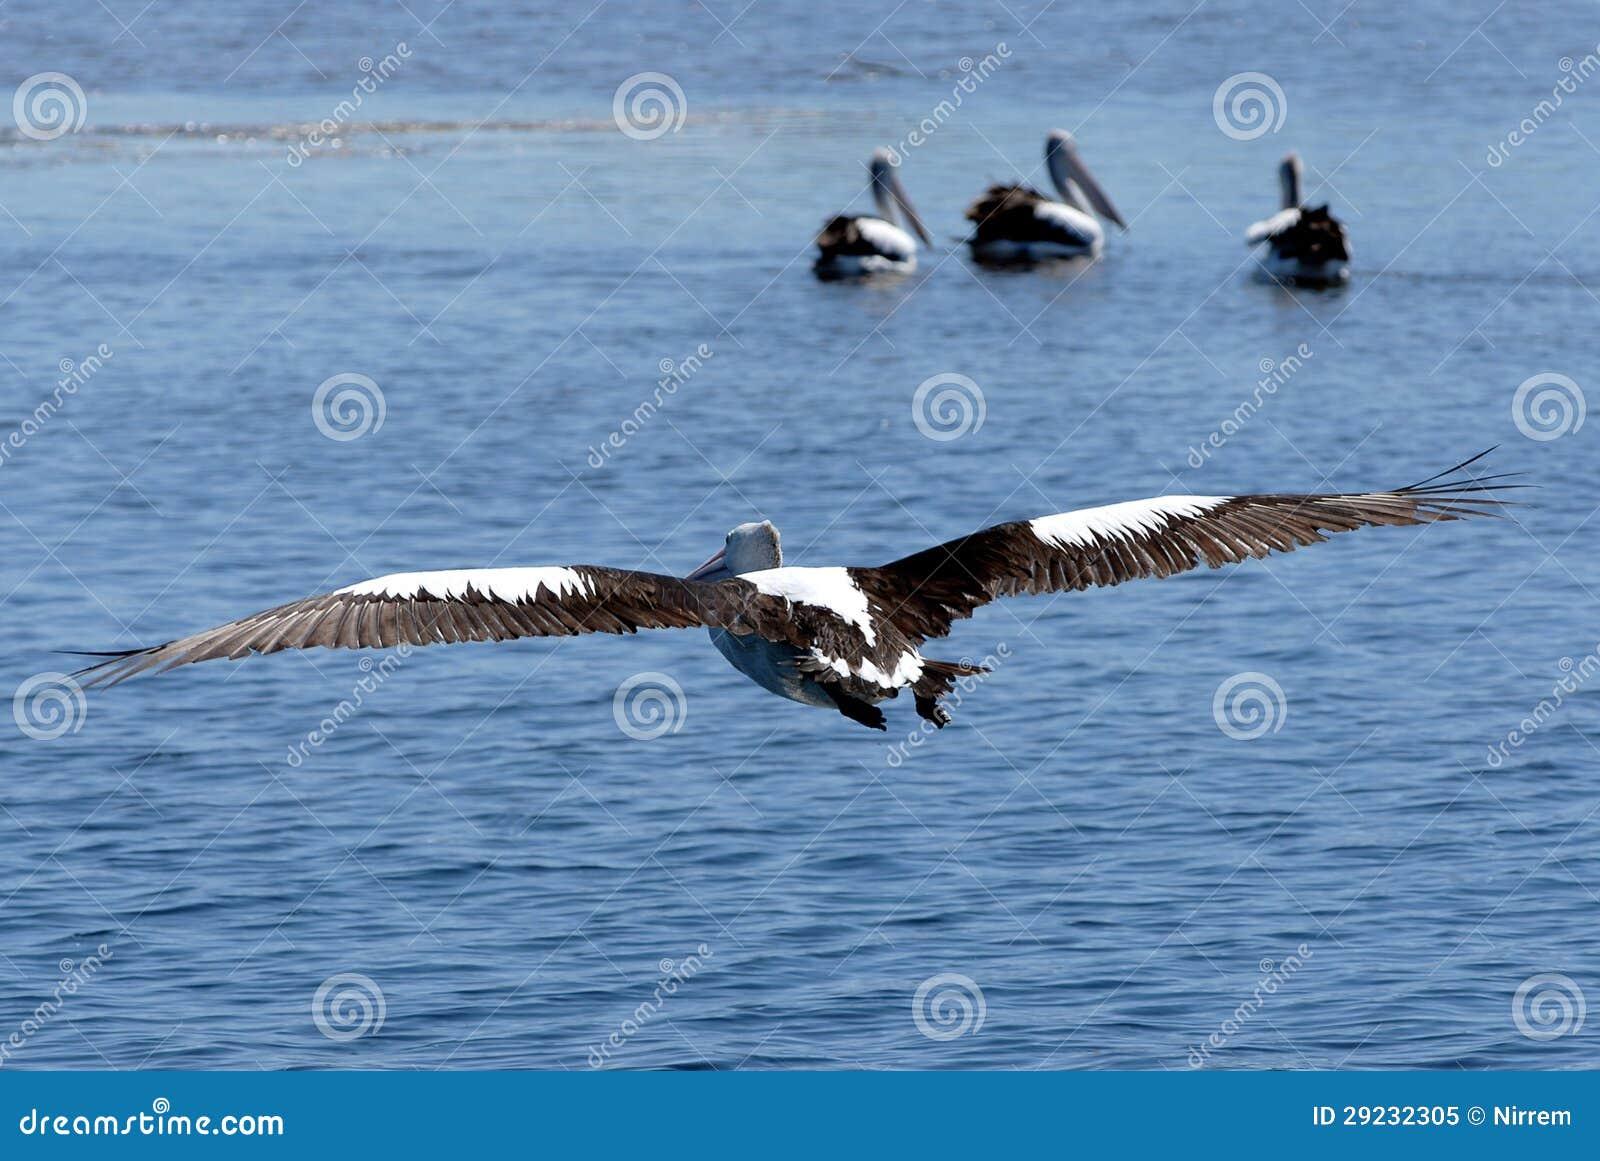 Download Pelicano em vôo imagem de stock. Imagem de terra, acoplamento - 29232305